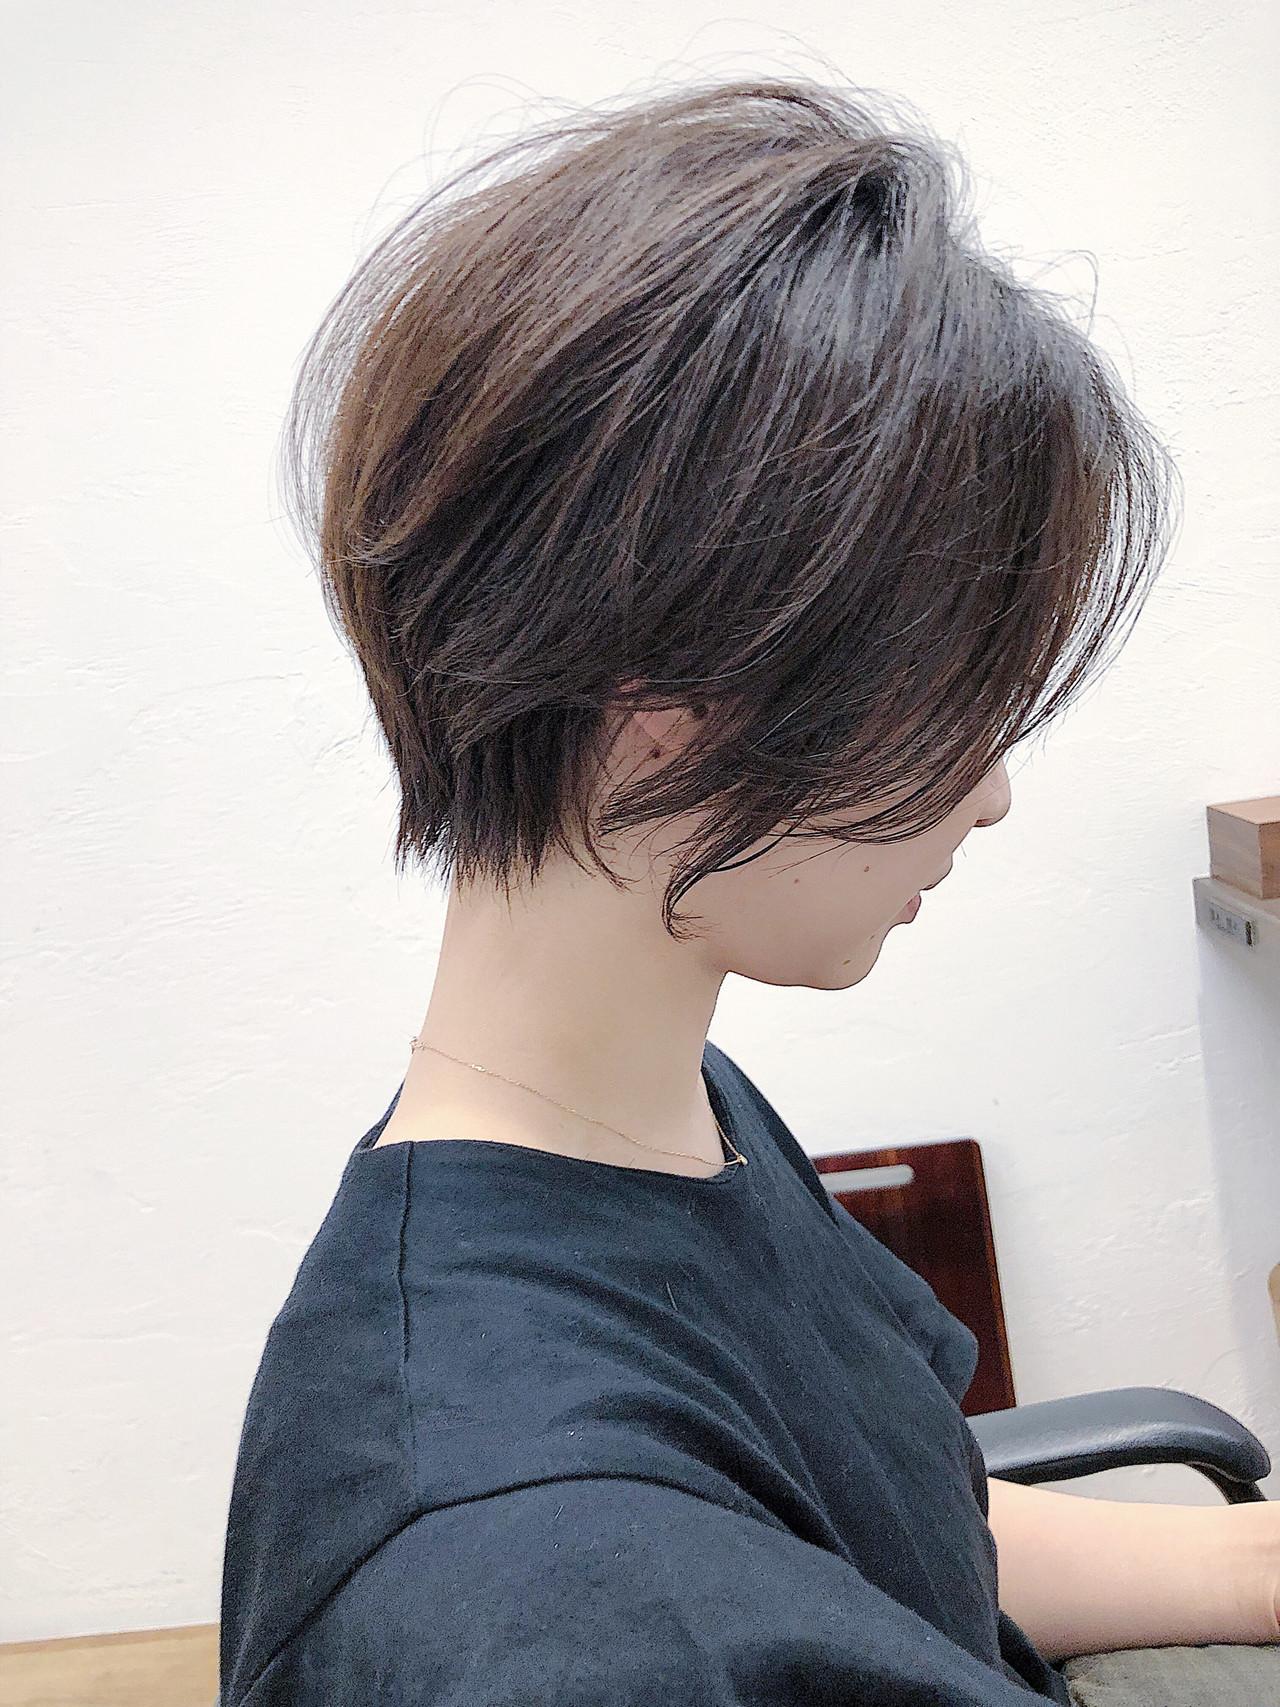 縮毛矯正 小顔 ストレート ナチュラル ヘアスタイルや髪型の写真・画像